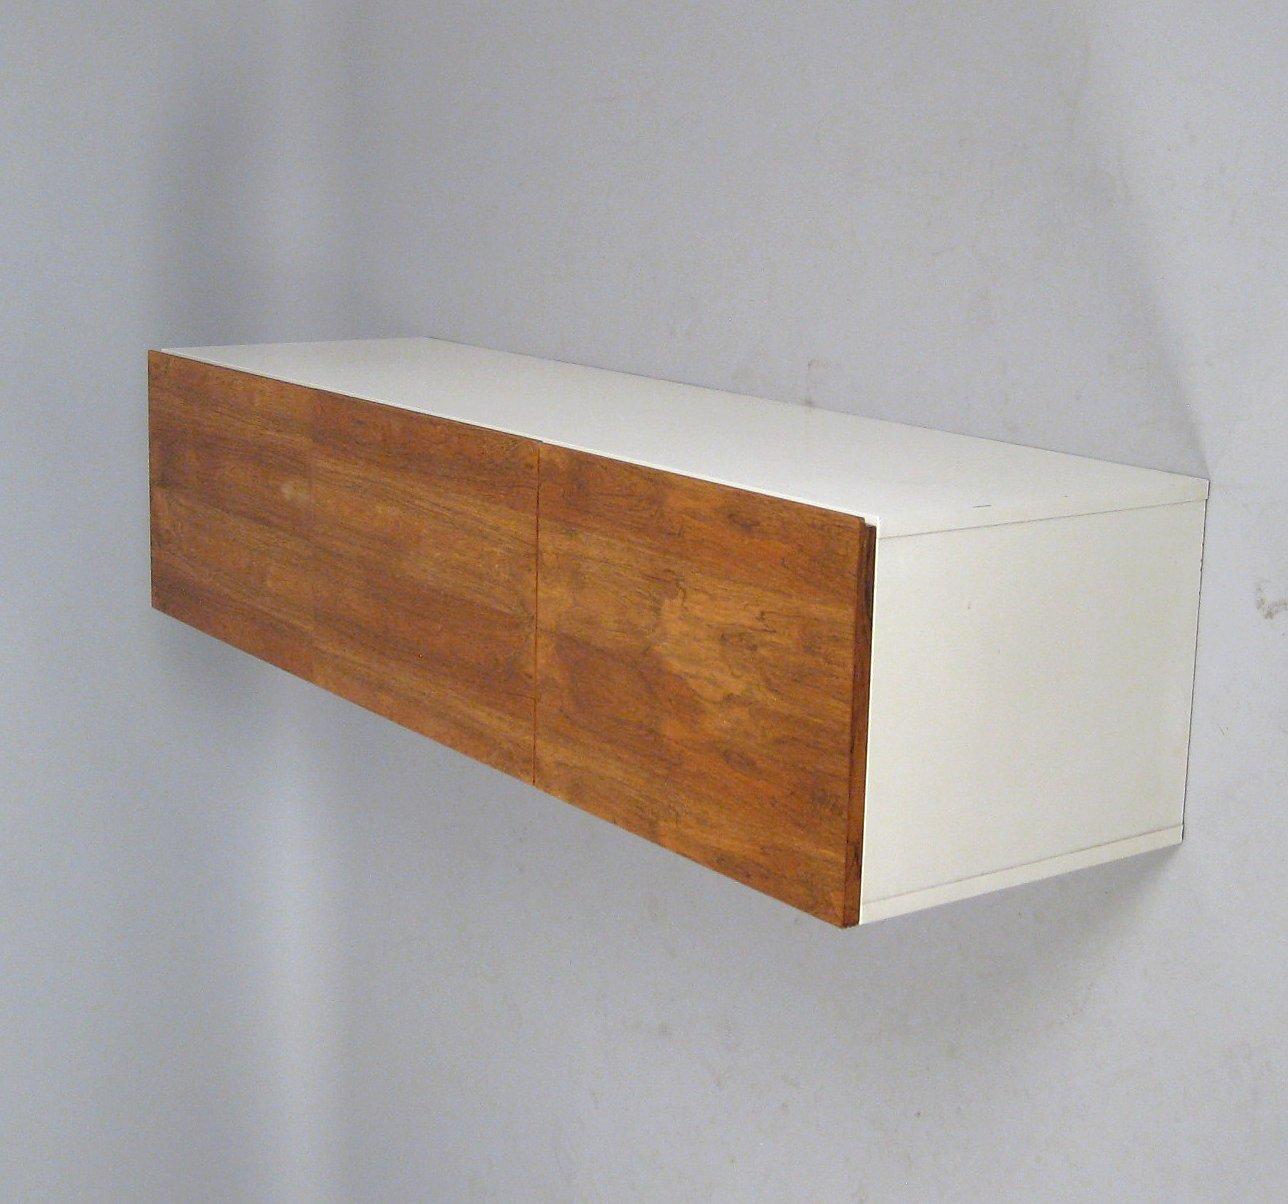 Schön Hängeboard Galerie Von Hängeboard / Sideboard Der 1960er Jahre